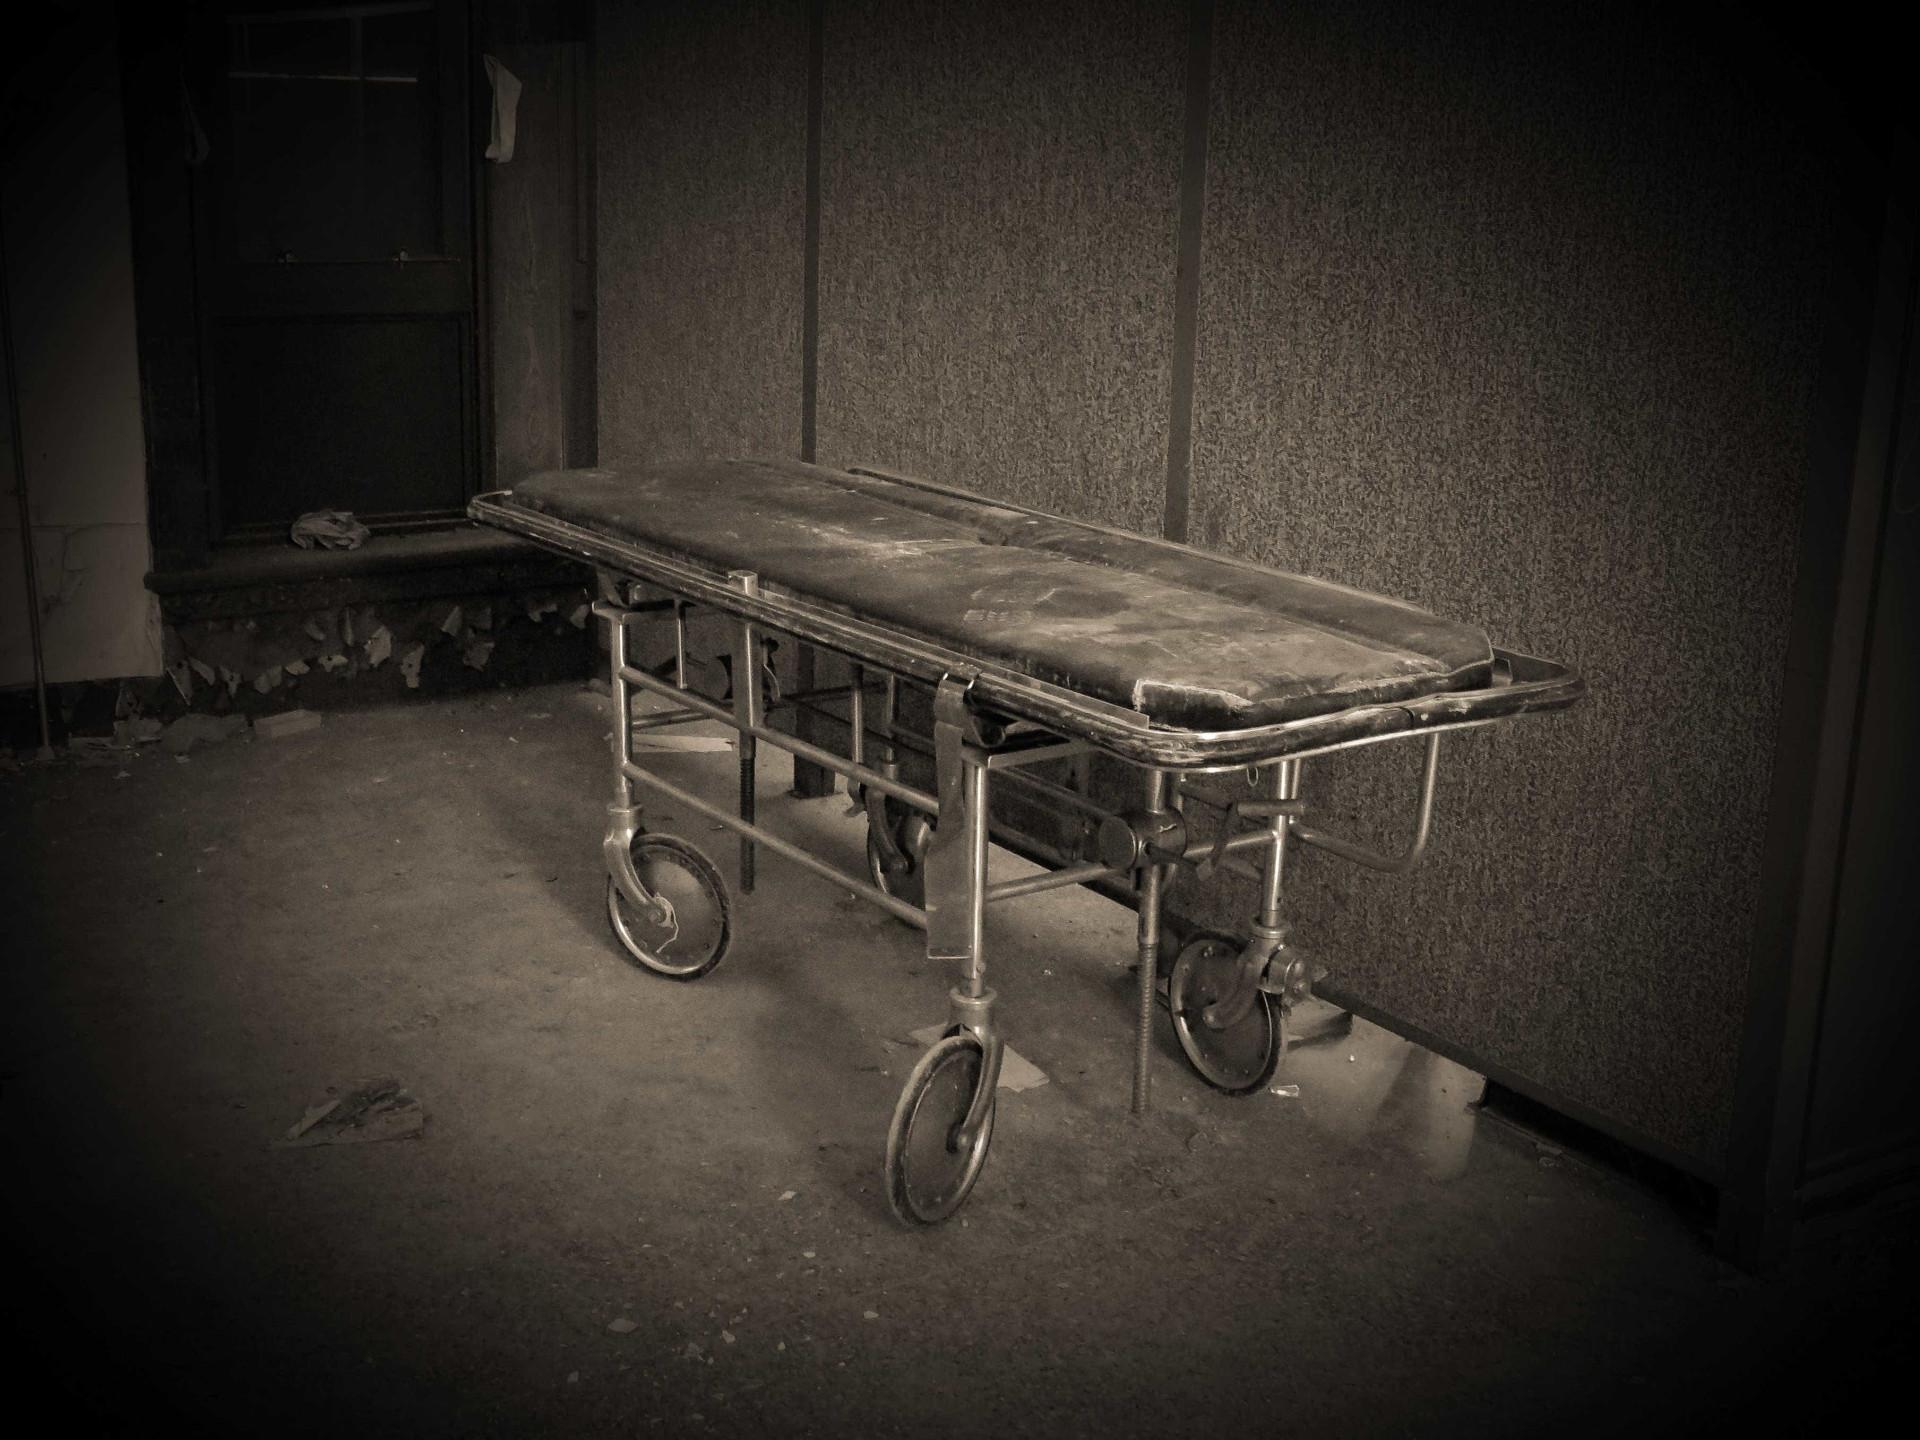 Greystone Park, histórias assustadoras de um manicómio